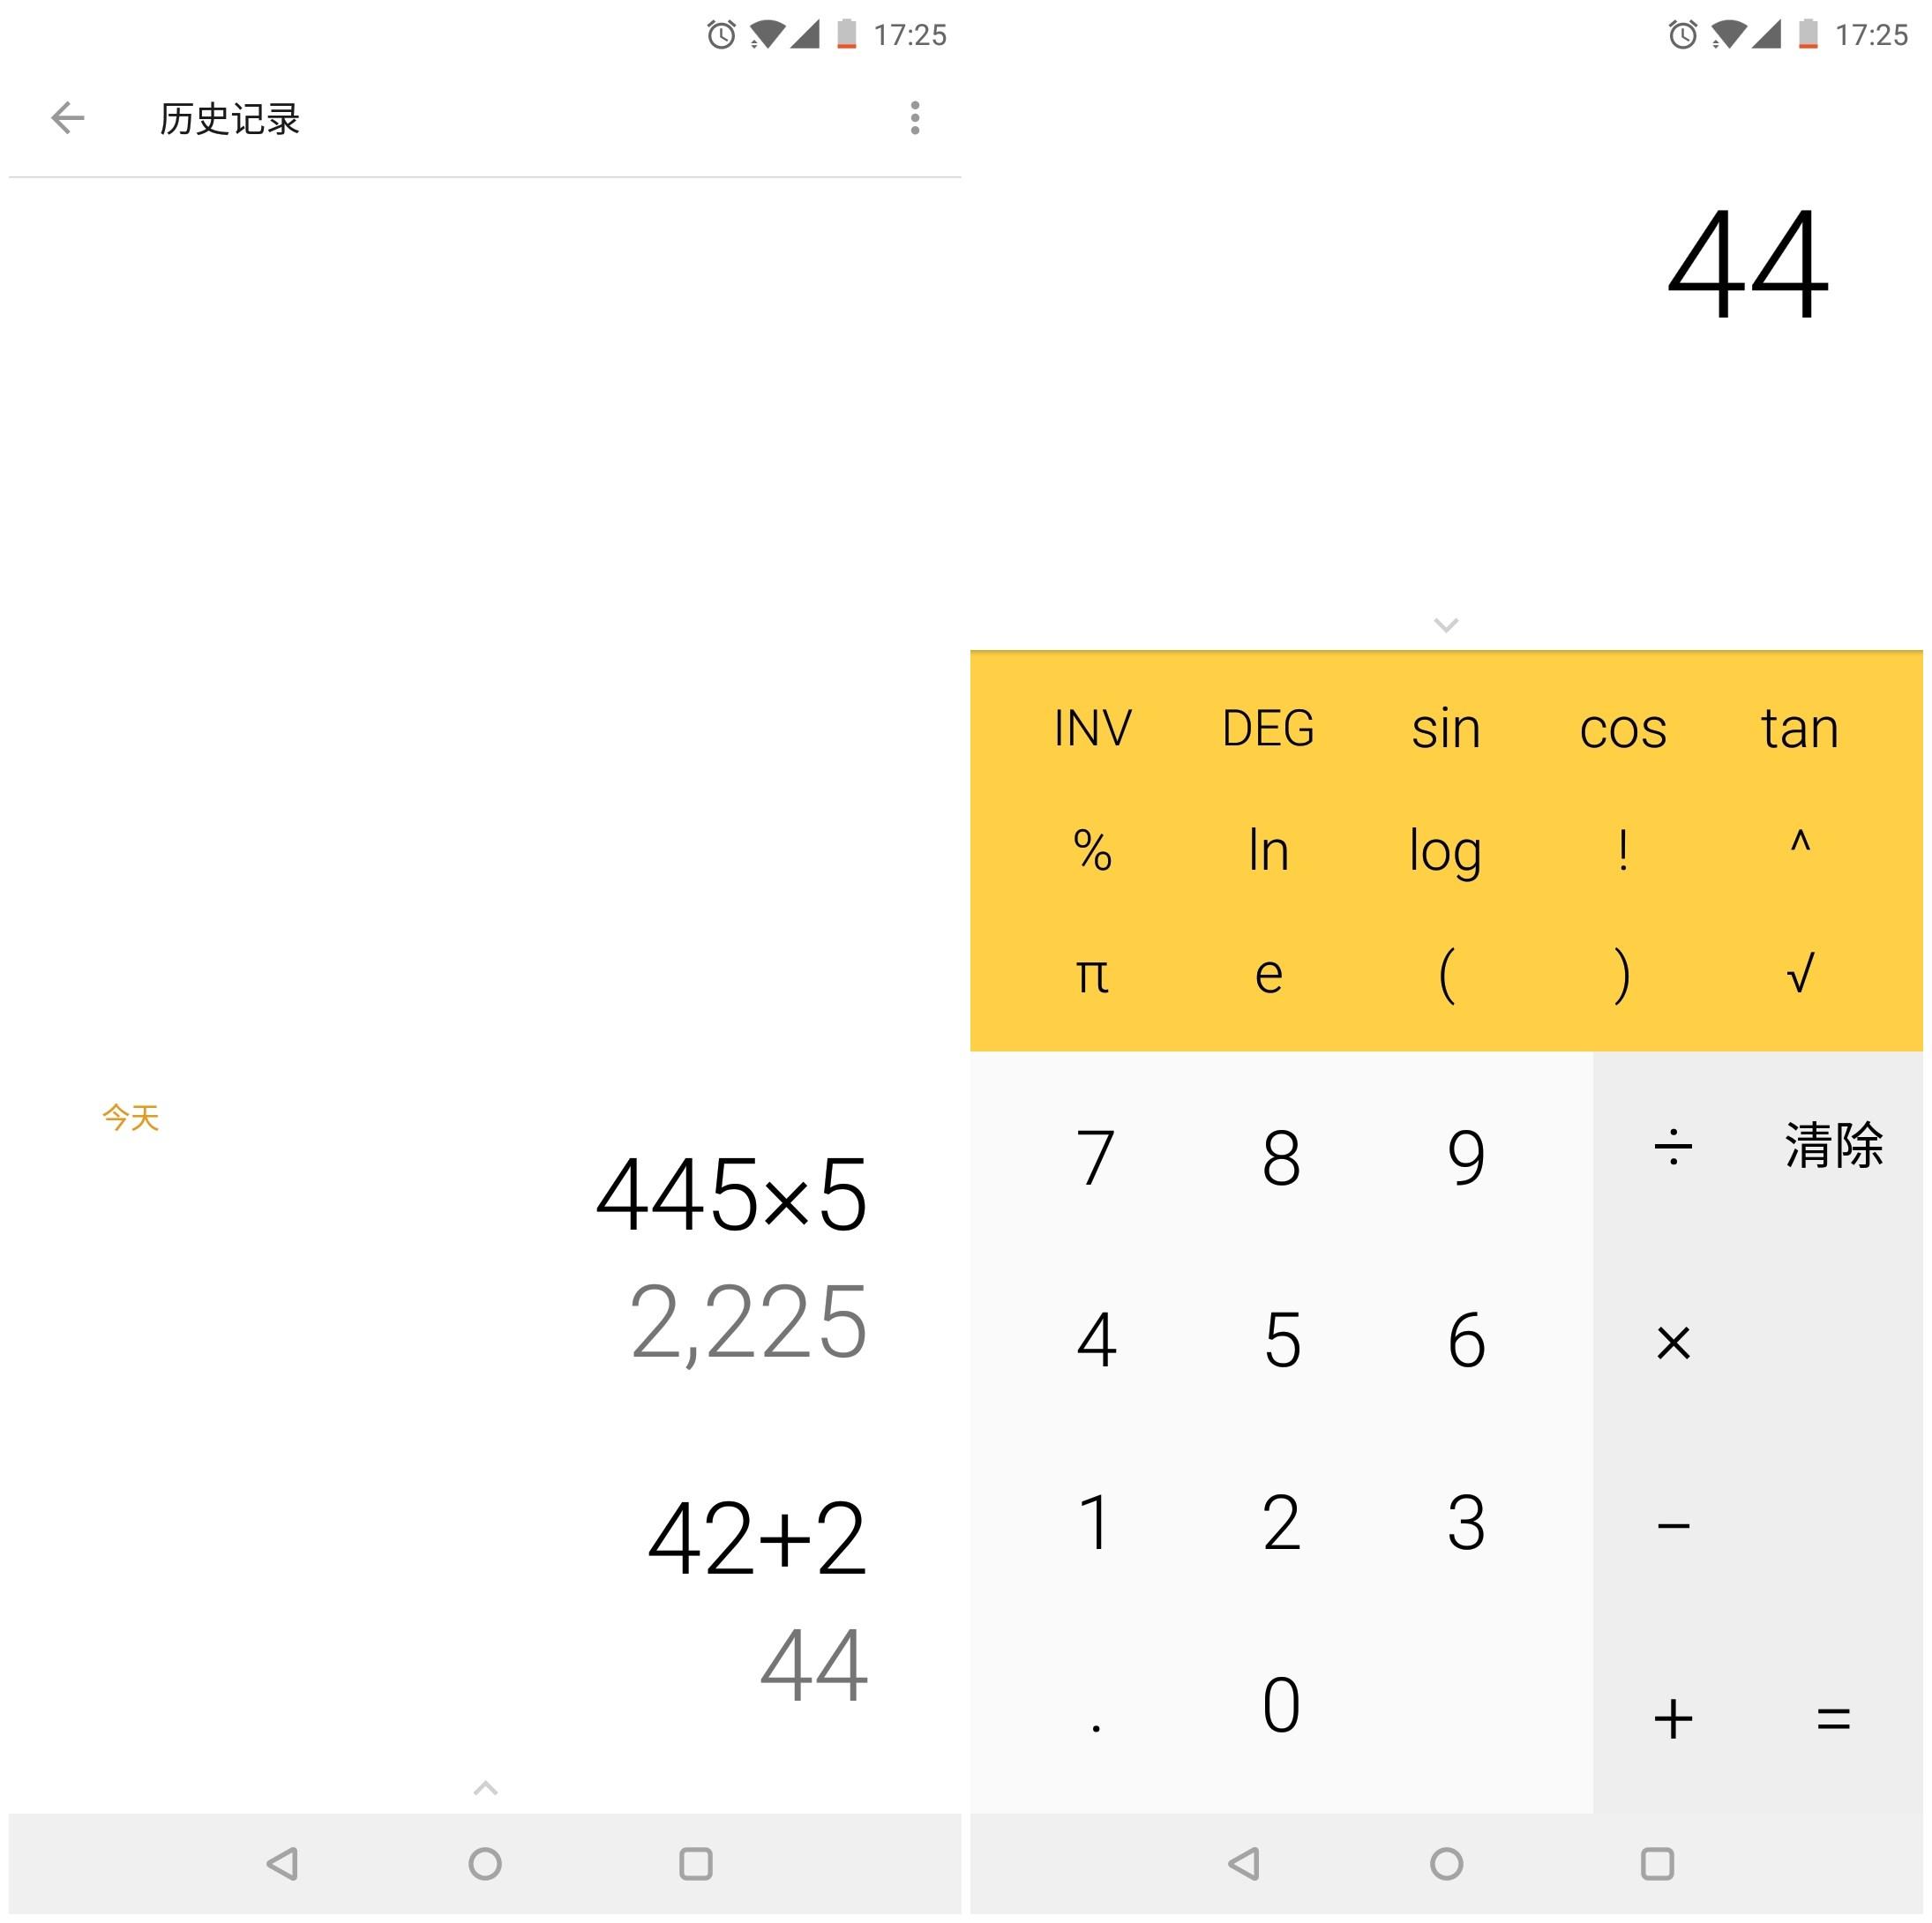 screenshot_20171210-172552_副本.jpg